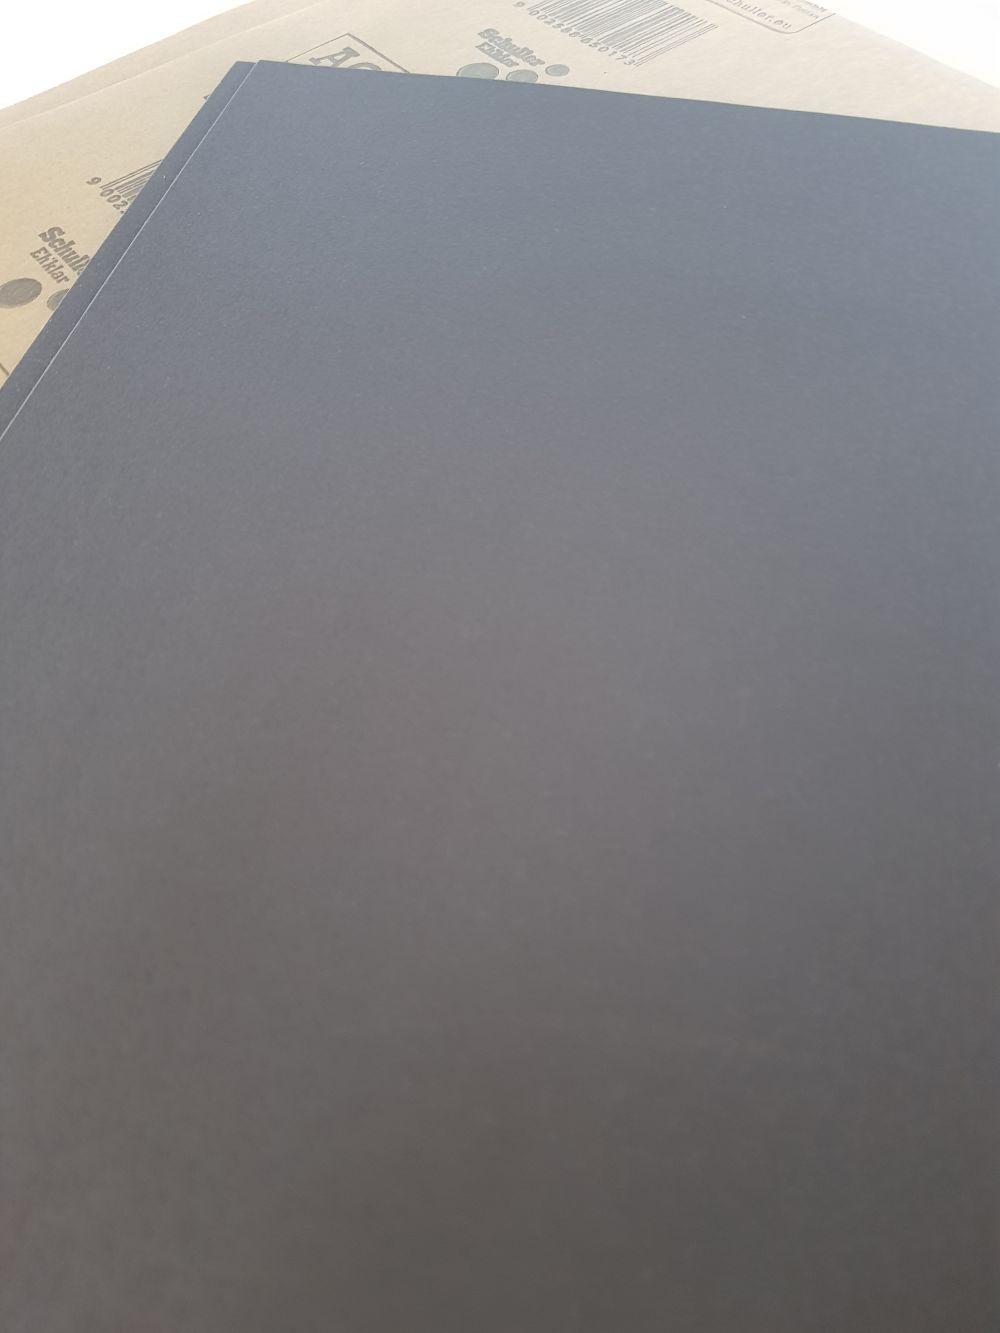 Vizes csiszolópapír P 400 Klingspor BAUplaza Kft.